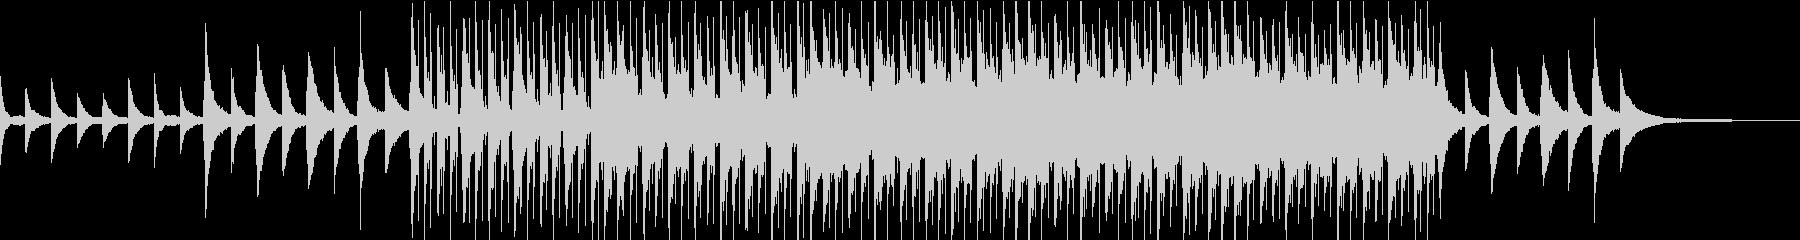 ピアノで奏でるチャイムがダンスビートにの未再生の波形